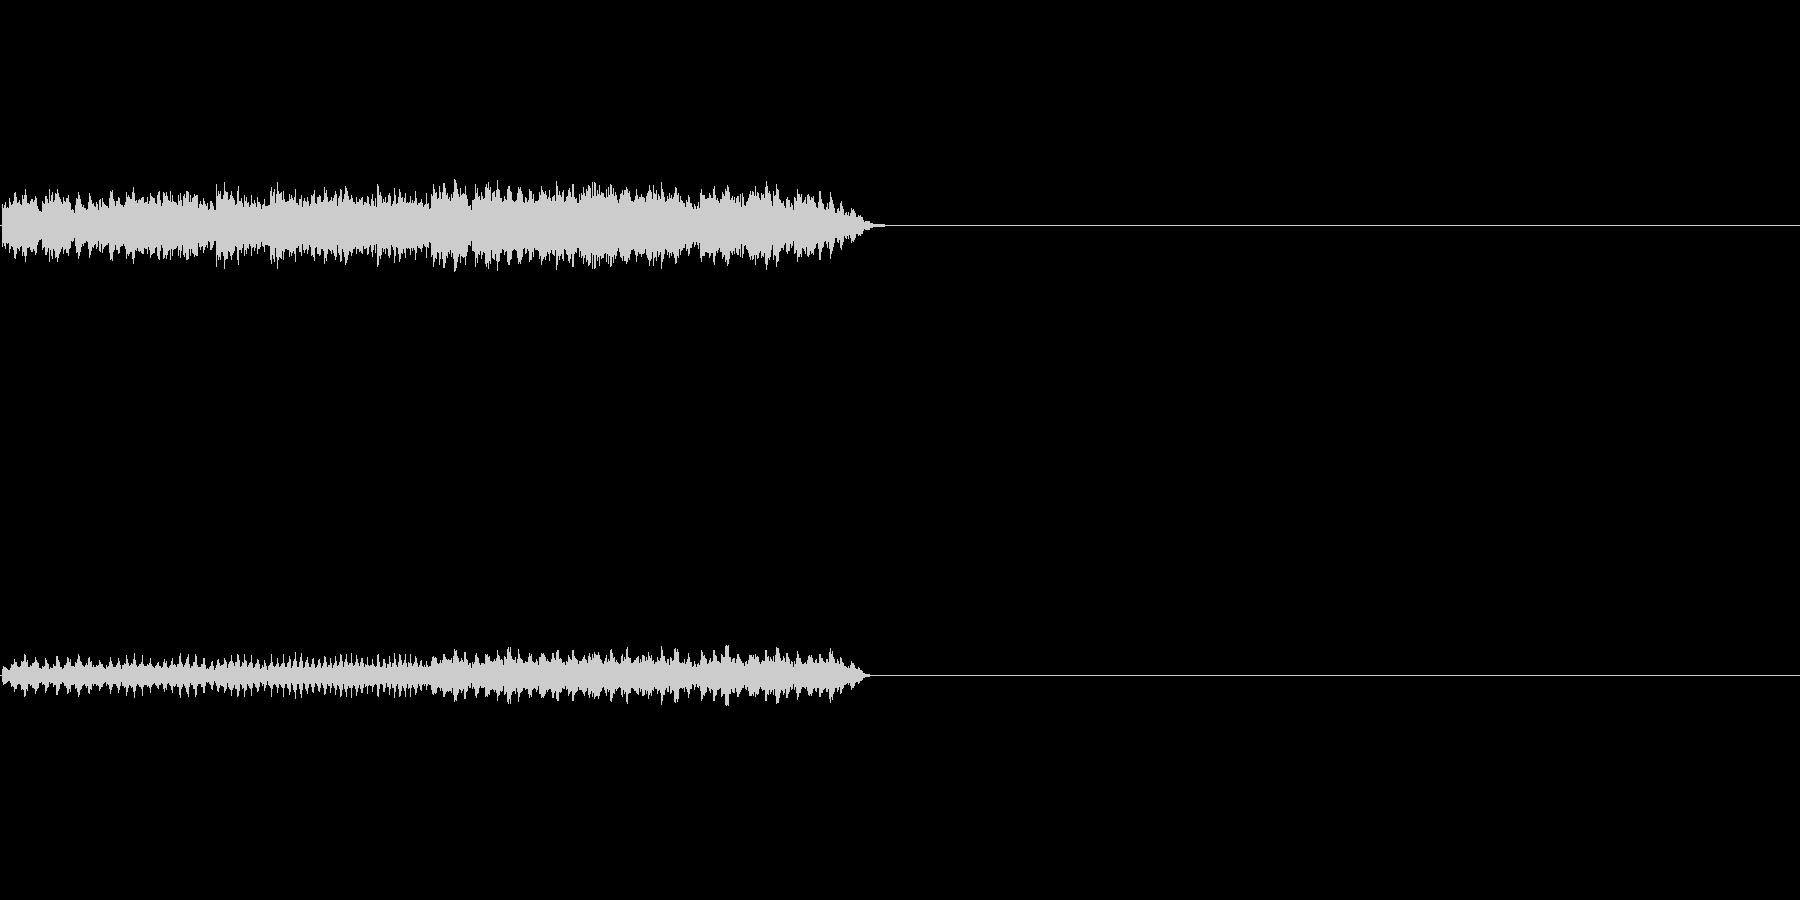 不思議なオルゴールの未再生の波形